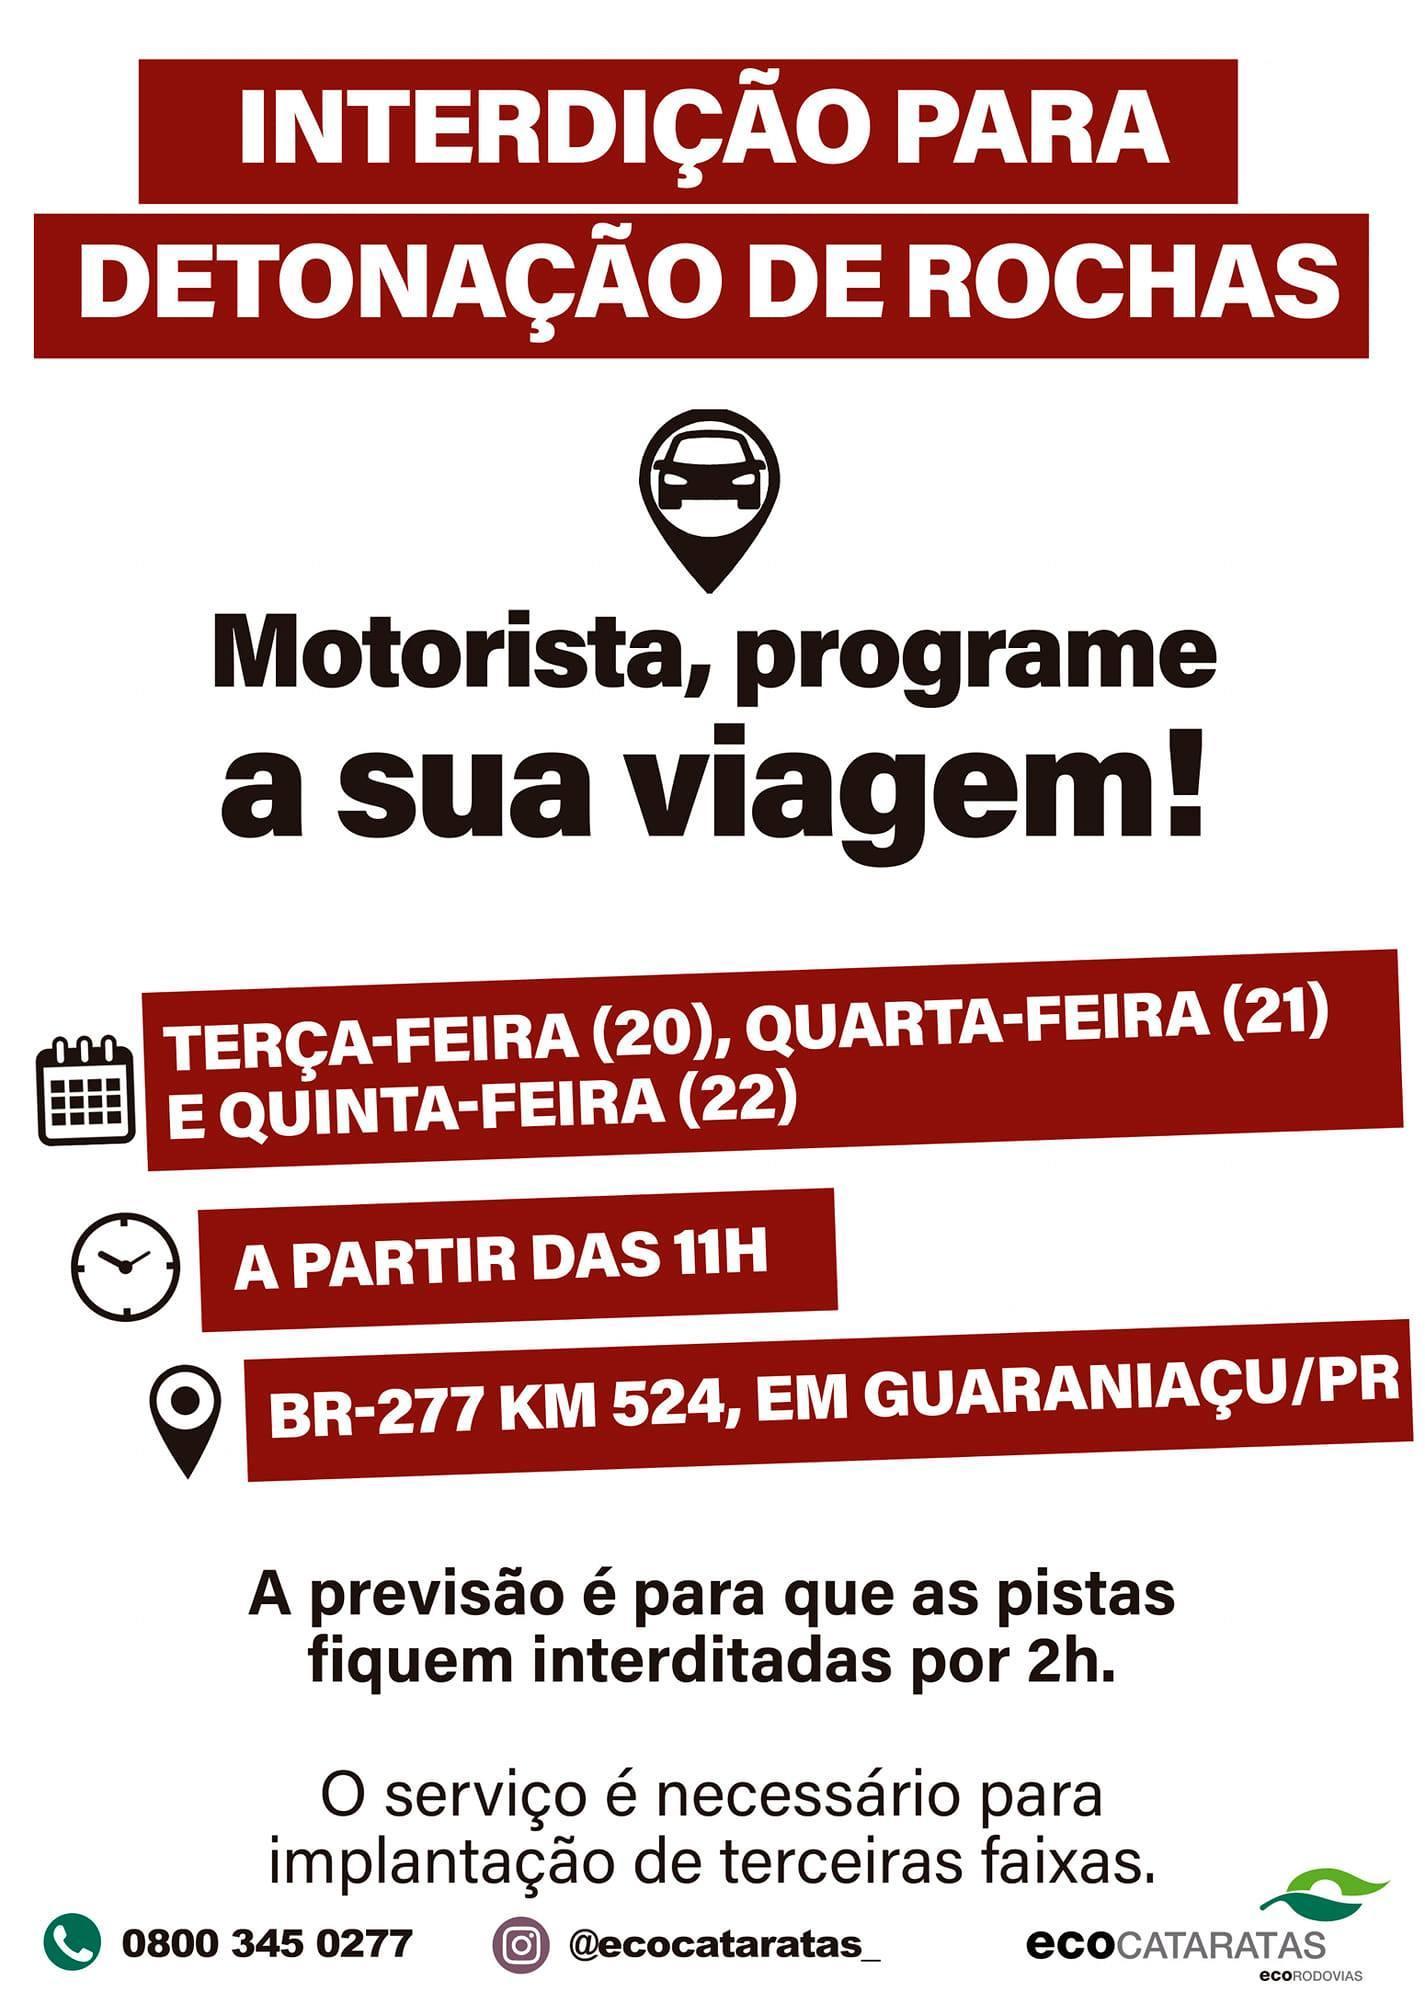 Transito na BR 277 em Guaraniaçu deve ser interrompido nesta terça (20), a partir das 11 horas, para detonação de rochas.